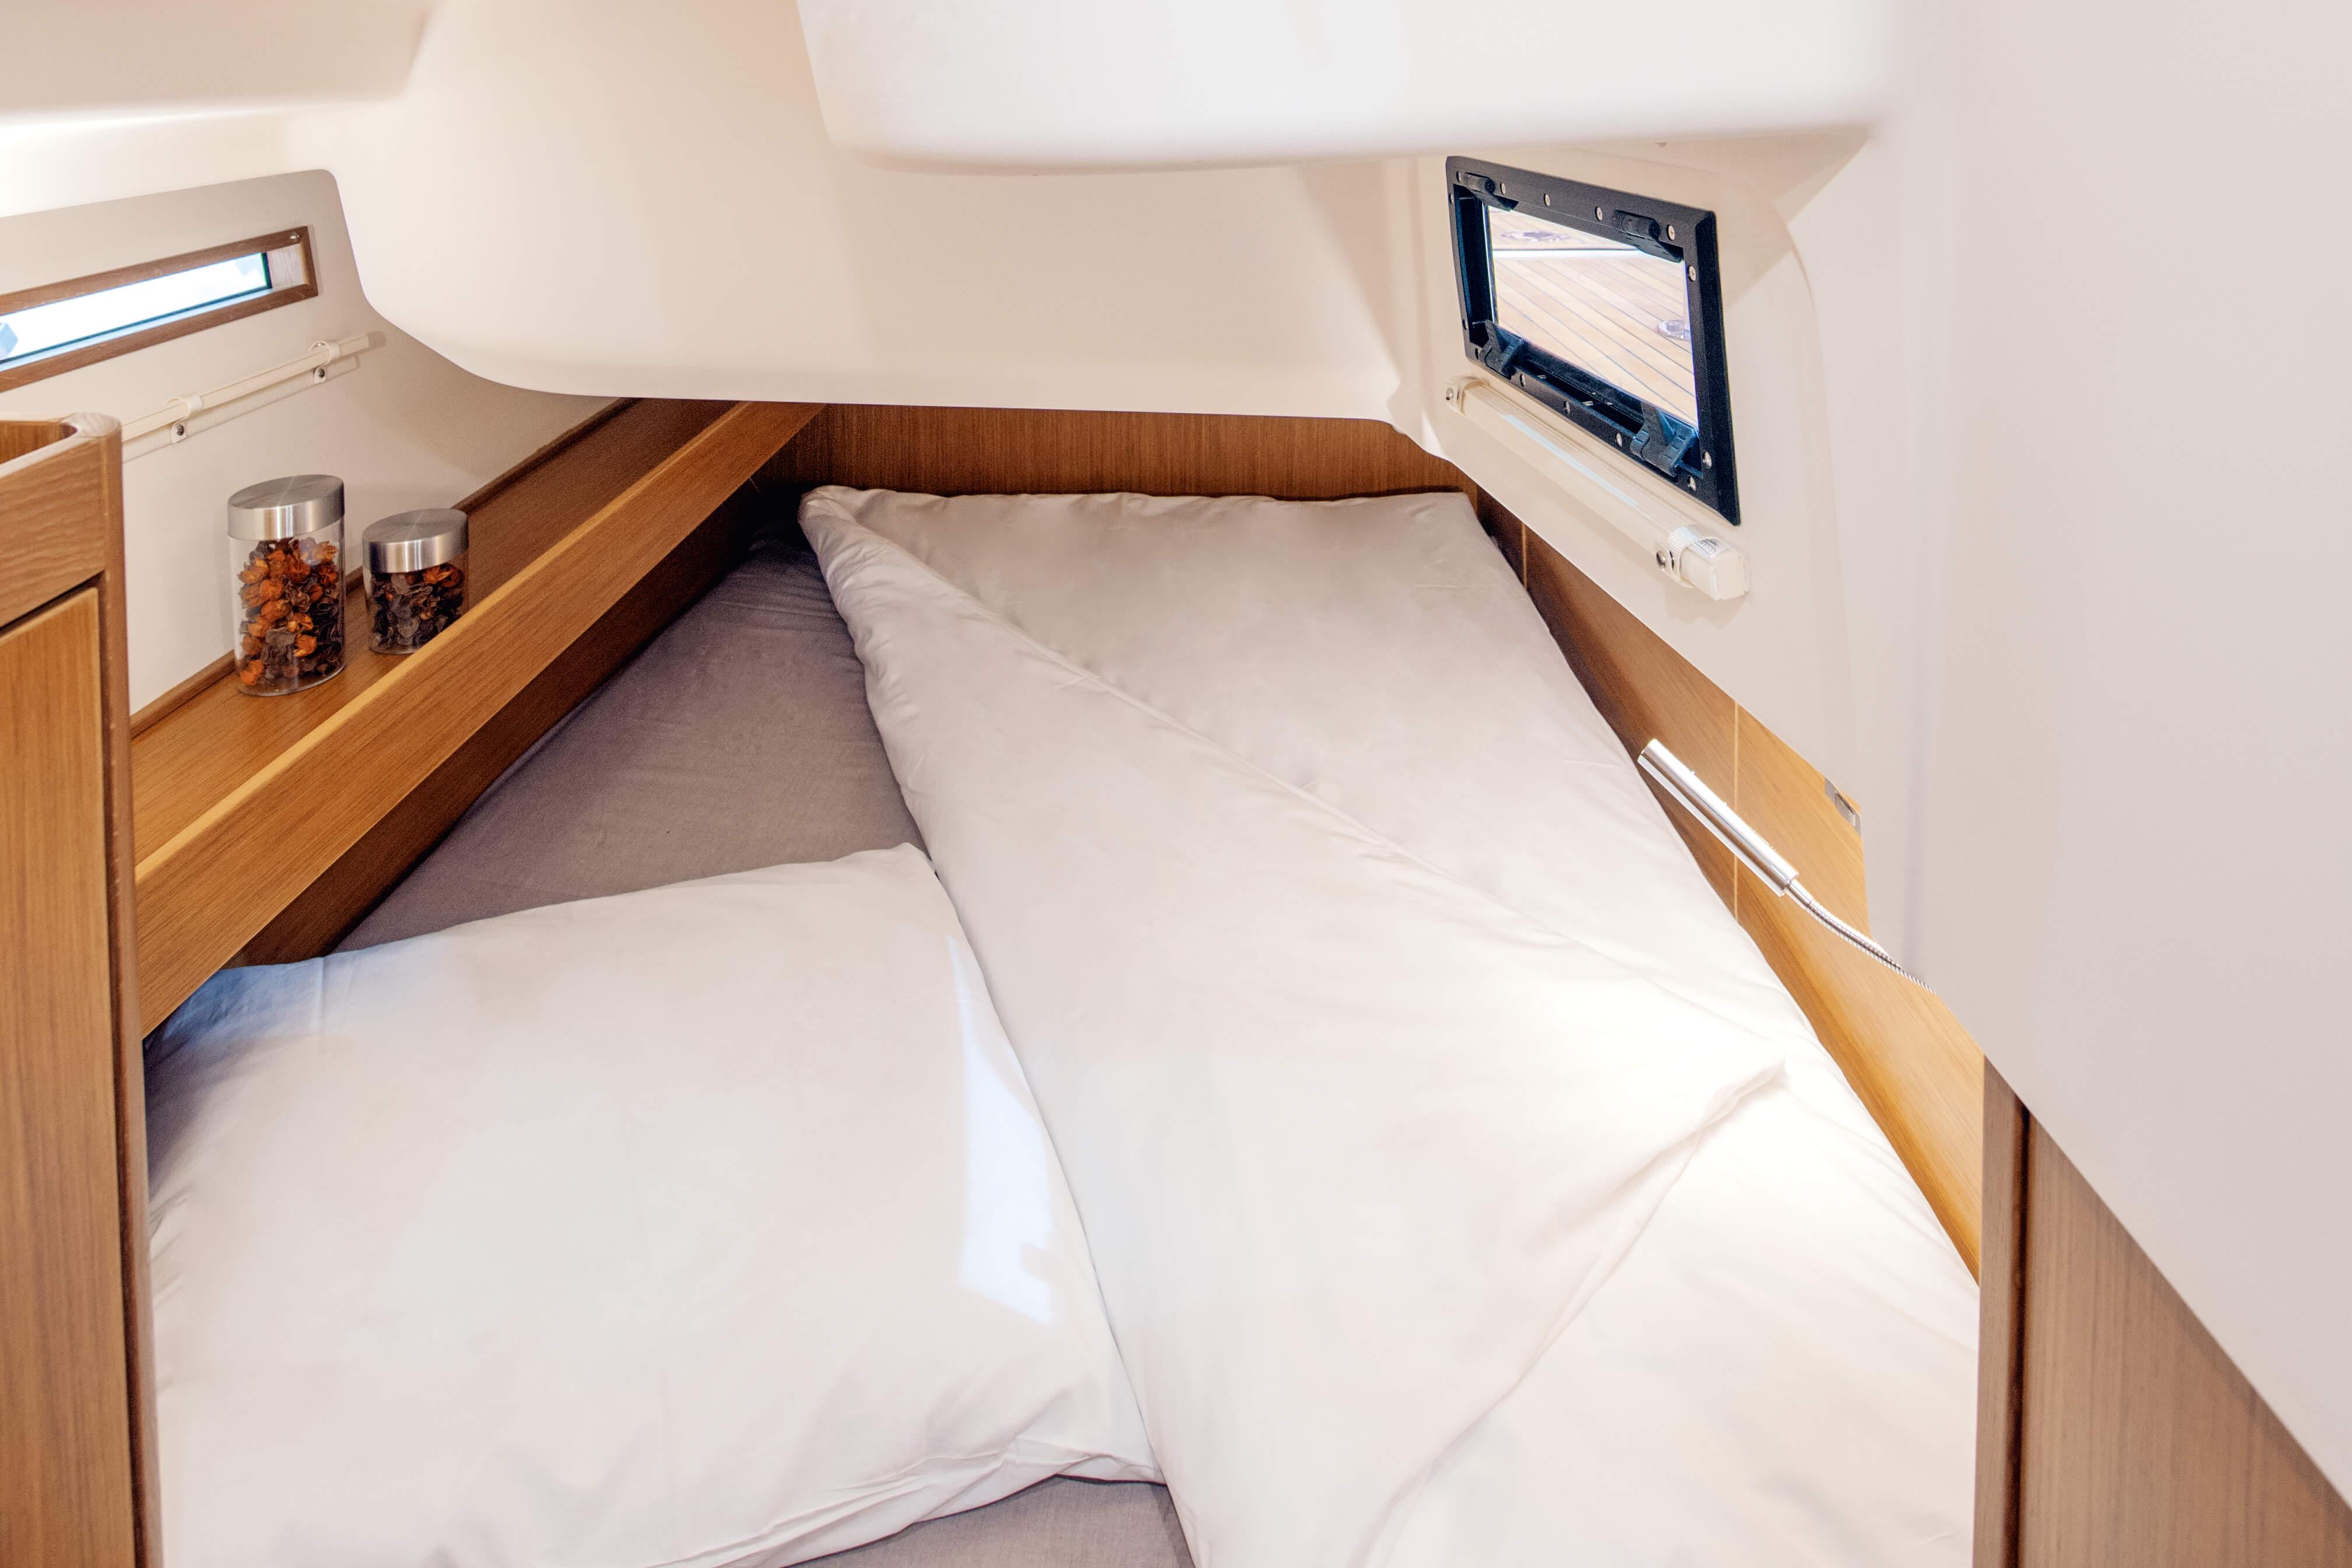 Dehler 42 Intérieur cabine arriére | grand lit, compartiment de rangement, étagére | Dehler